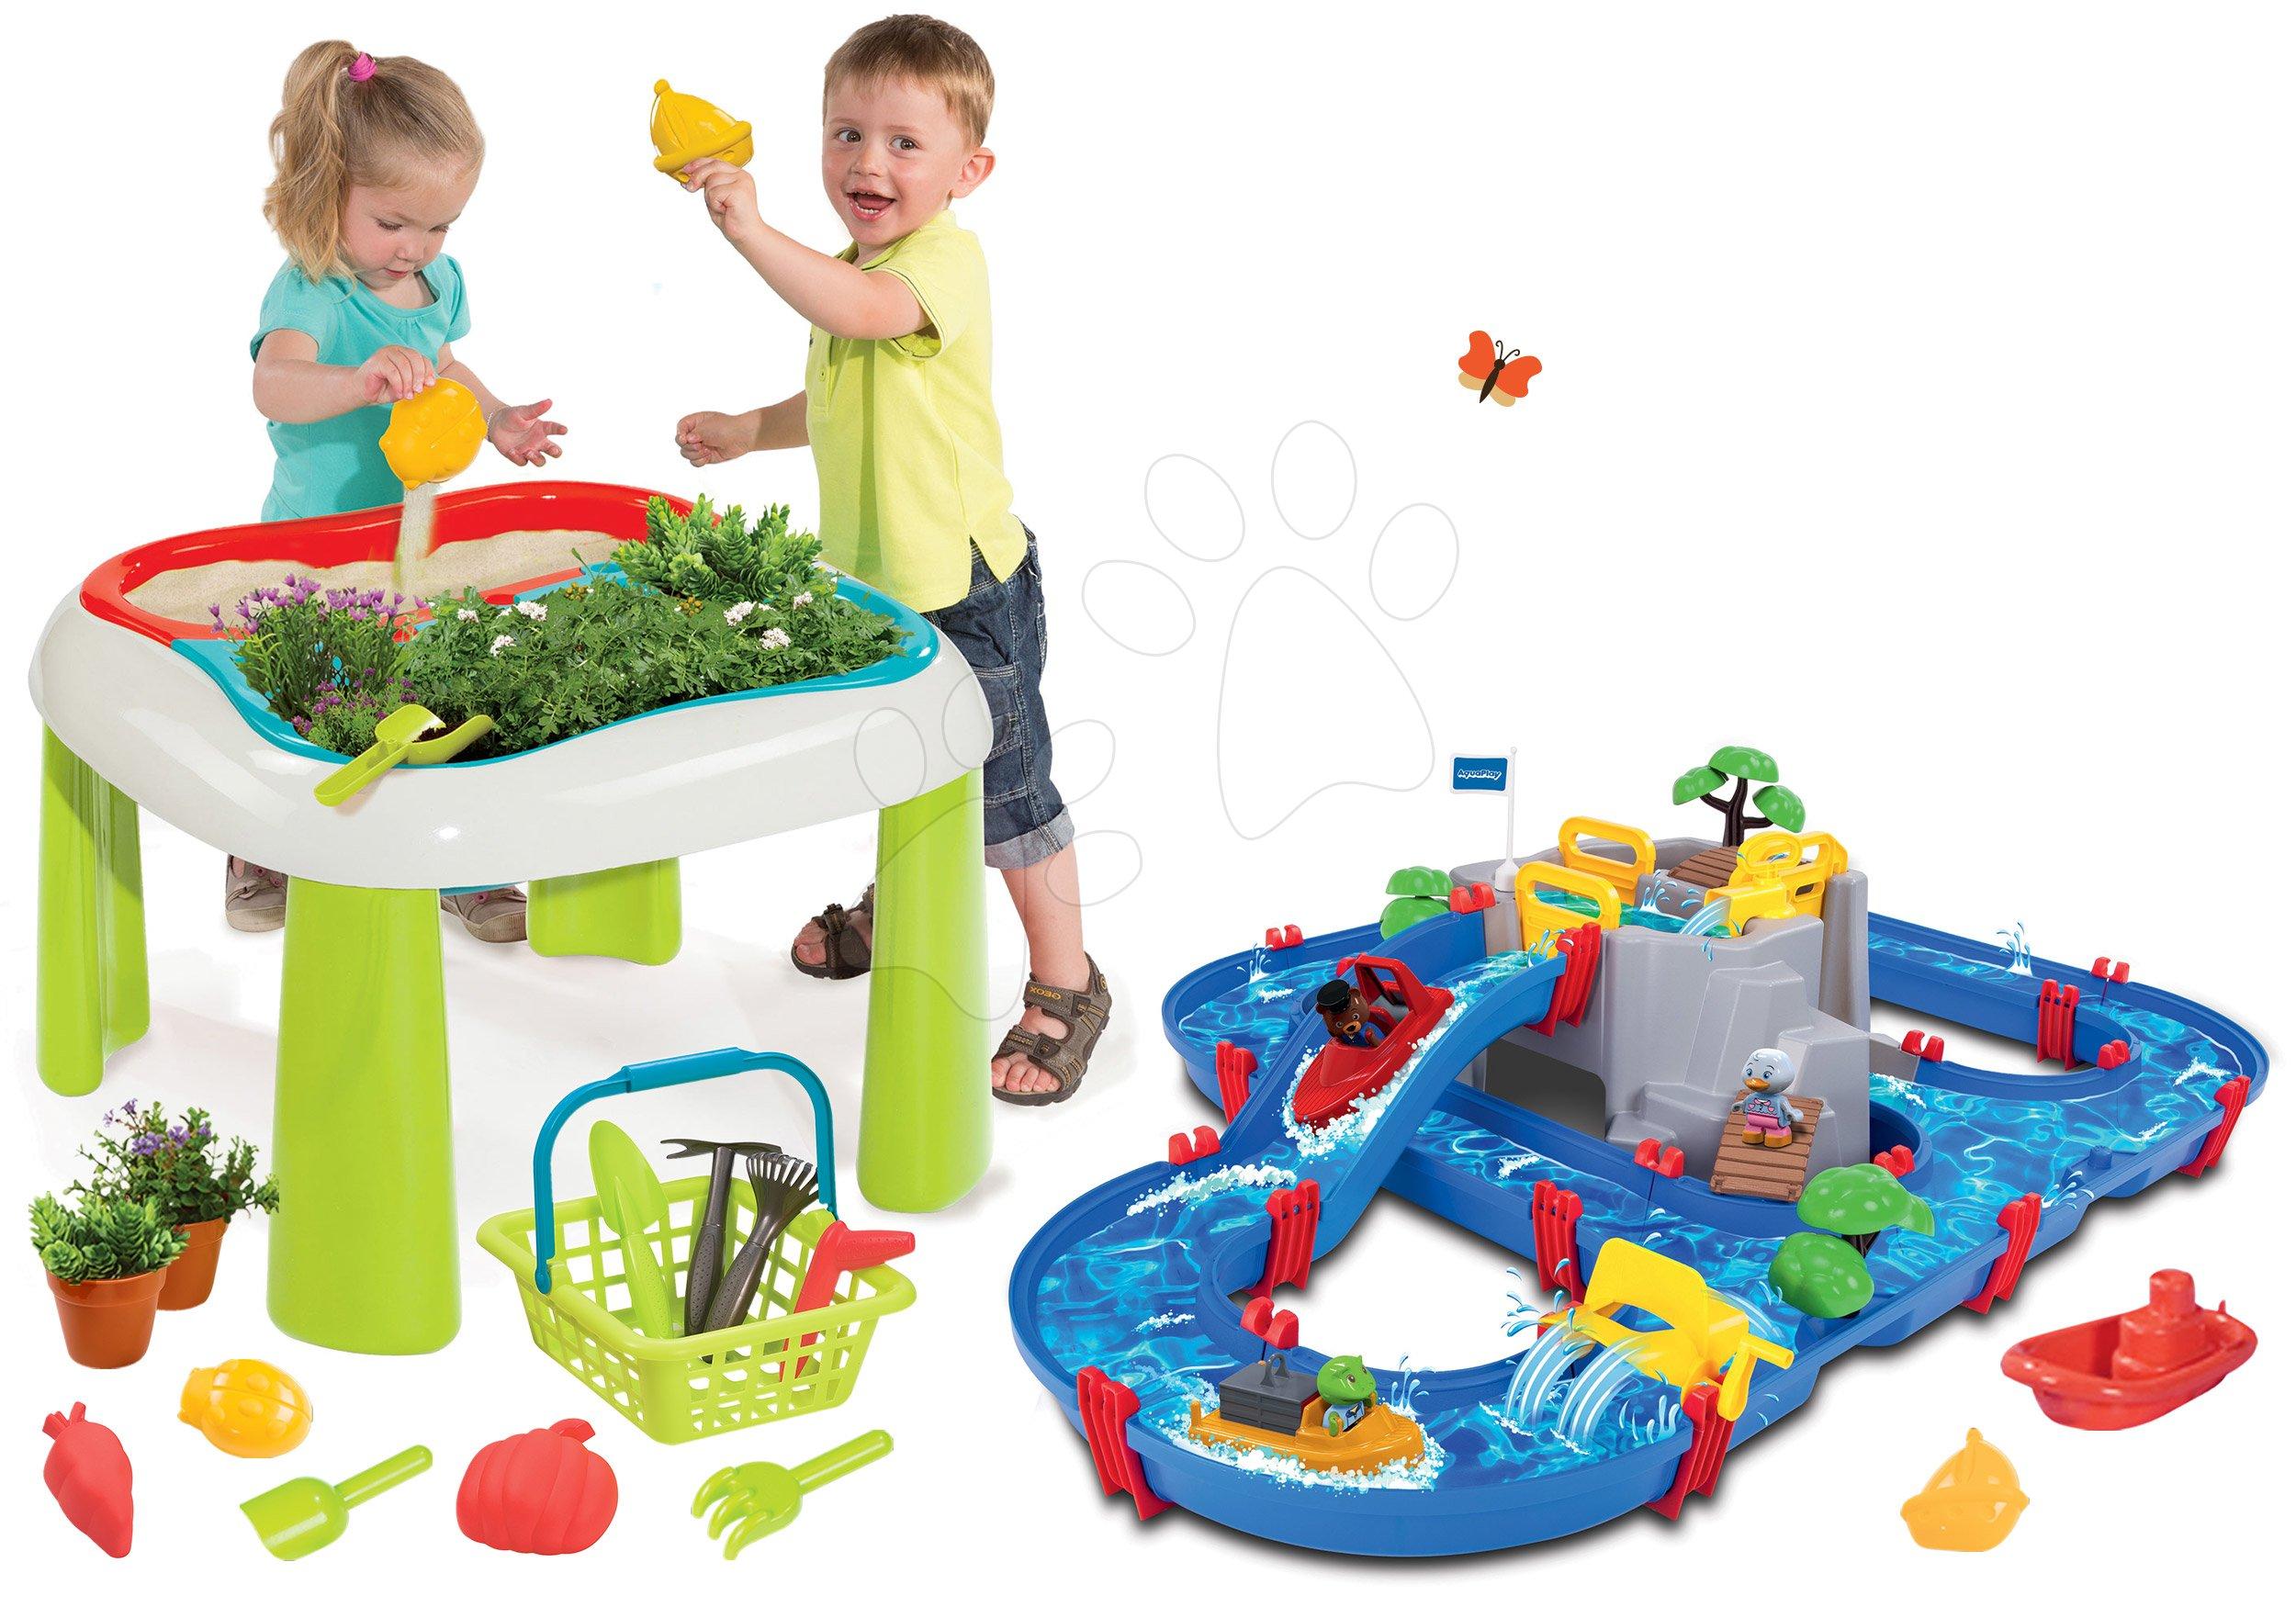 Smoby set detský stôl De Jardinage a Écoiffier kosačka, vysávač na lístie a vozík Jardin&Saisons 840100-13